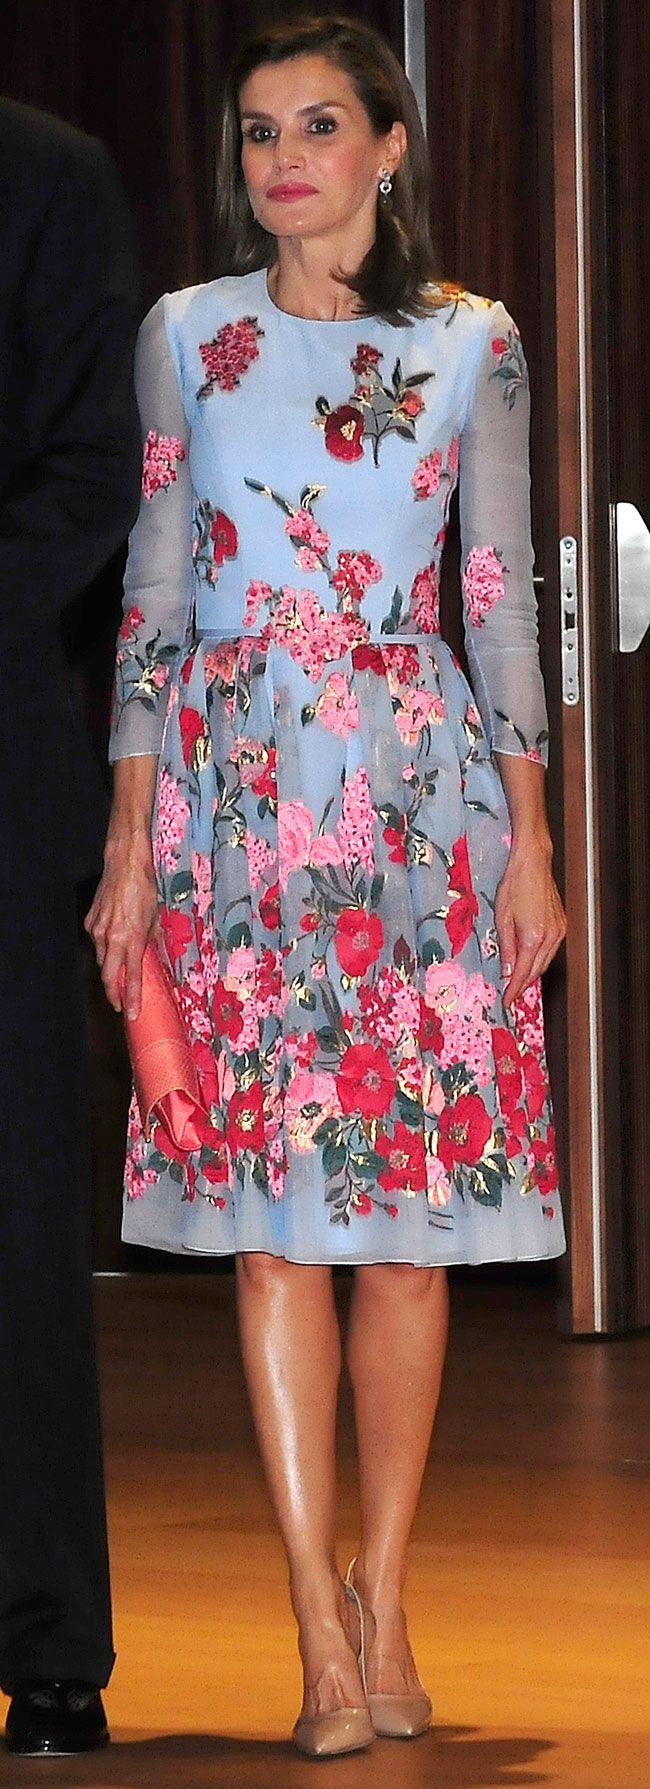 La Reina de Carolina Herrera. 25.09.2017